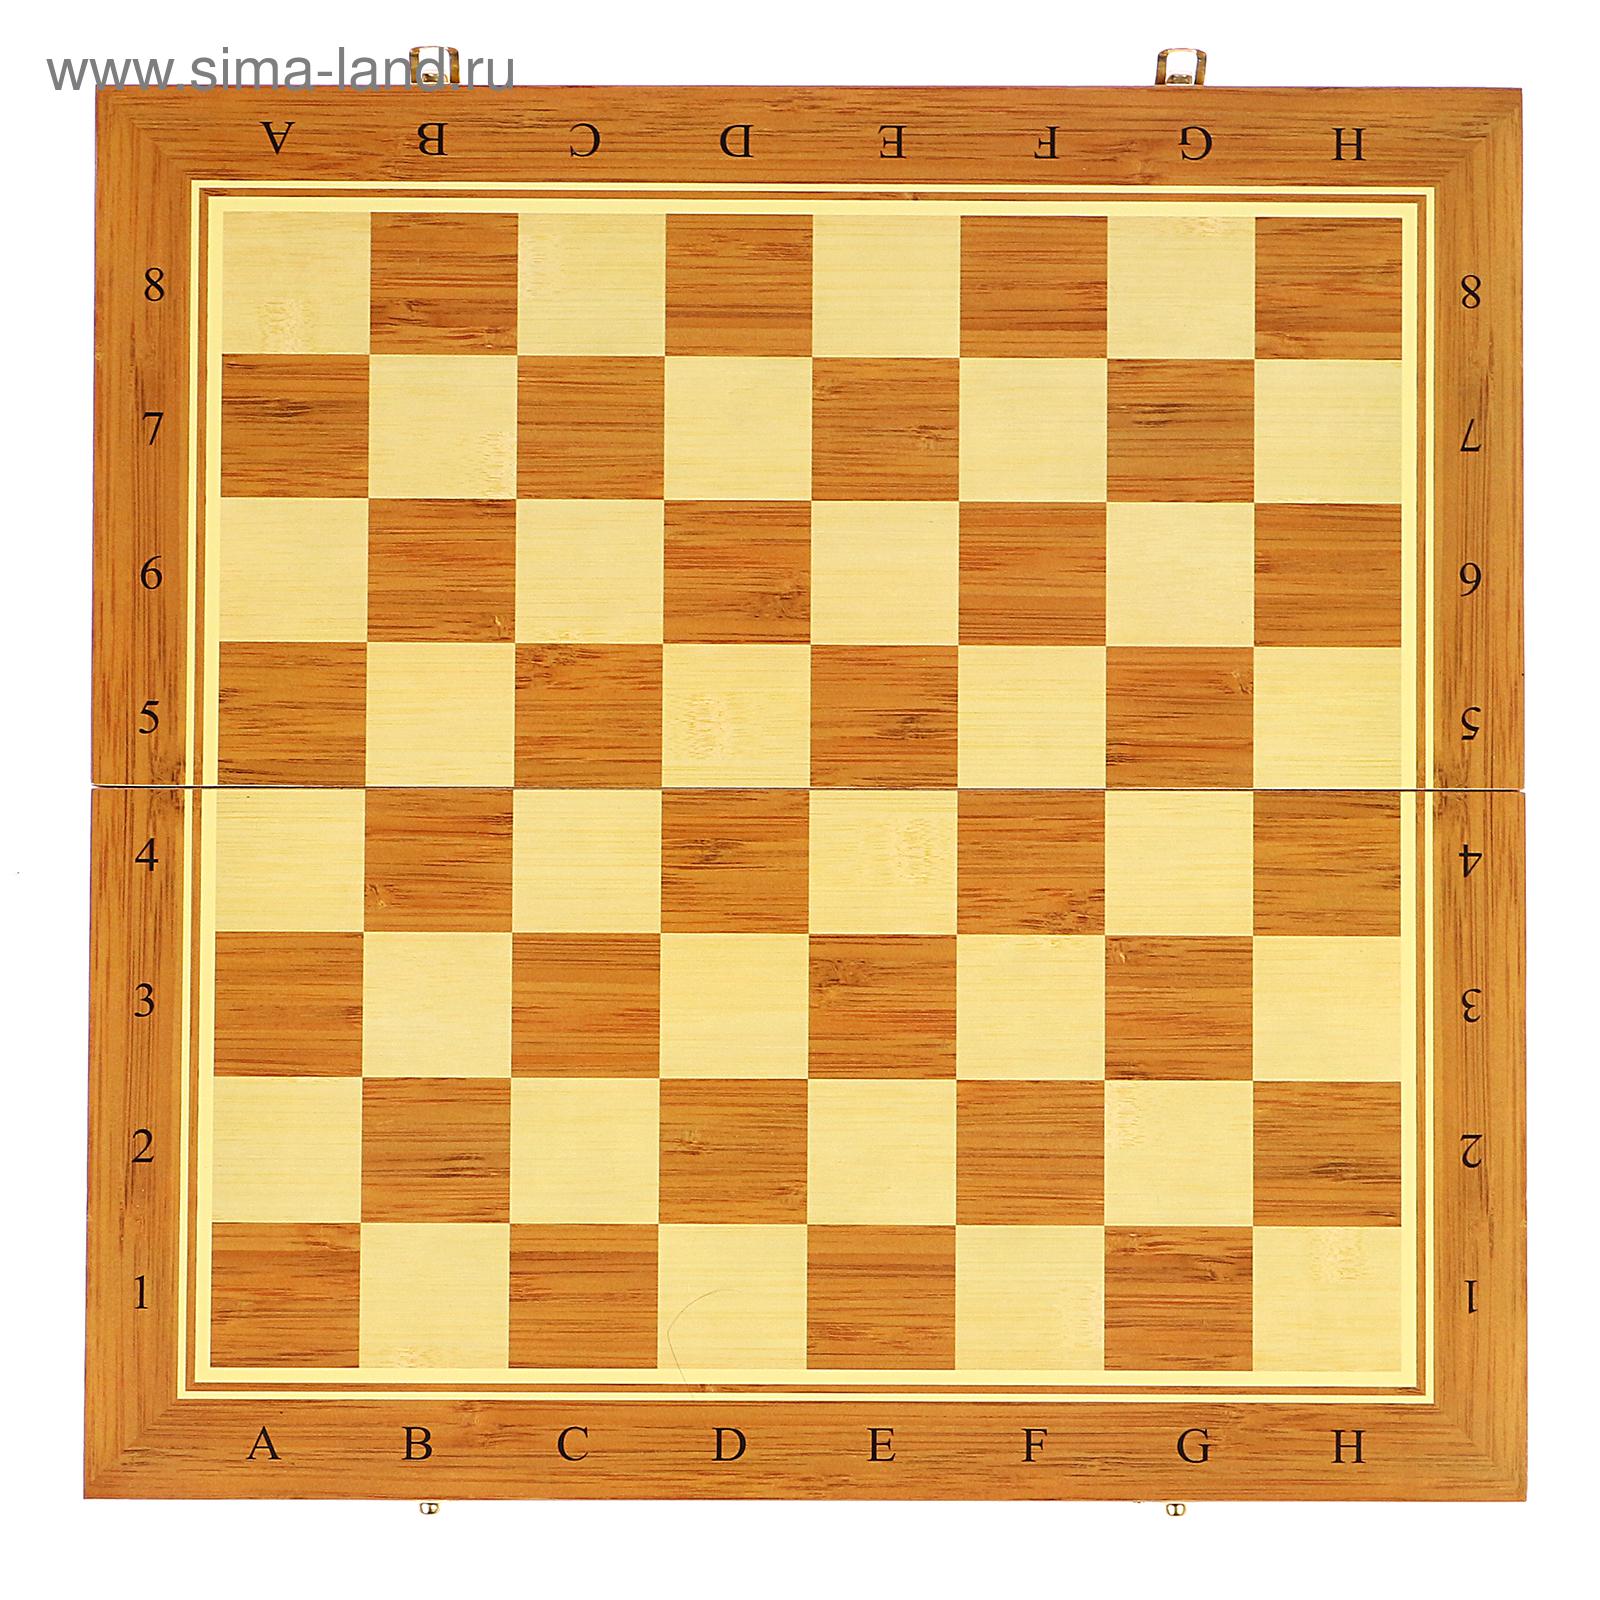 Картинка доски для шахмат